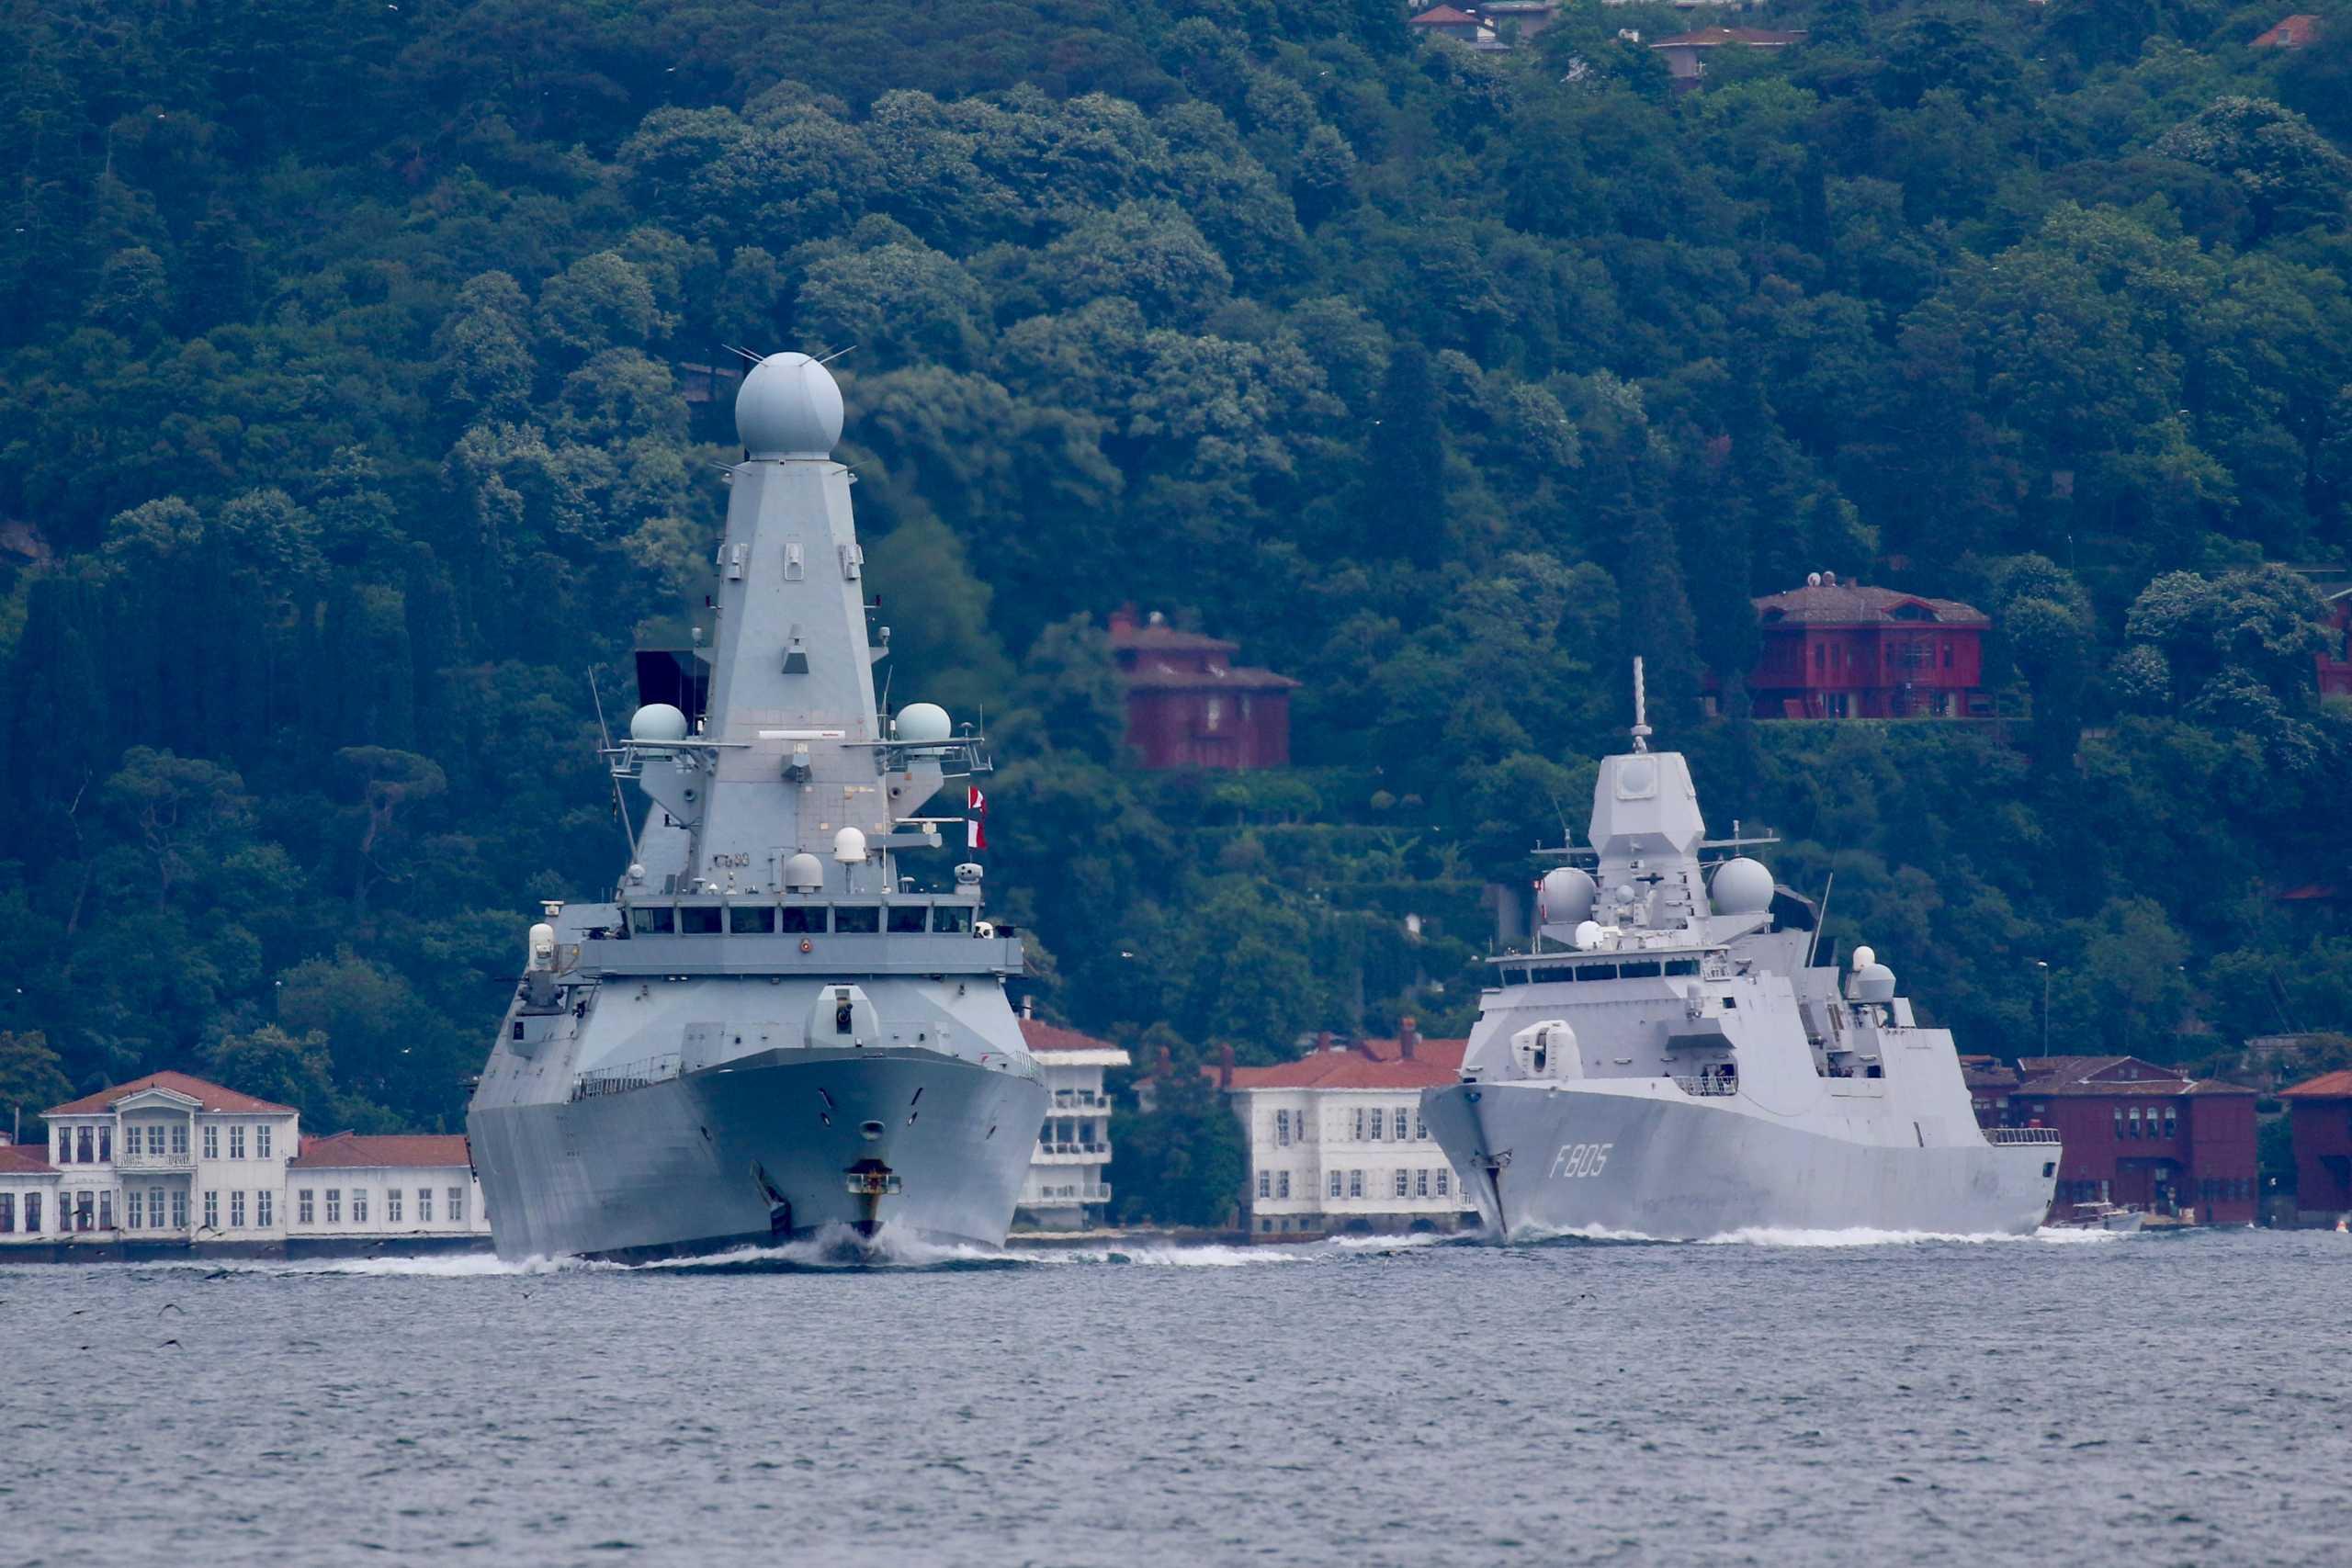 «Ναυμαχία» στη Μαύρη Θάλασσα: Προειδοποιητικά πυρά Ρωσικού πλοίου εναντίον Βρετανικού αντιτορπιλικού!